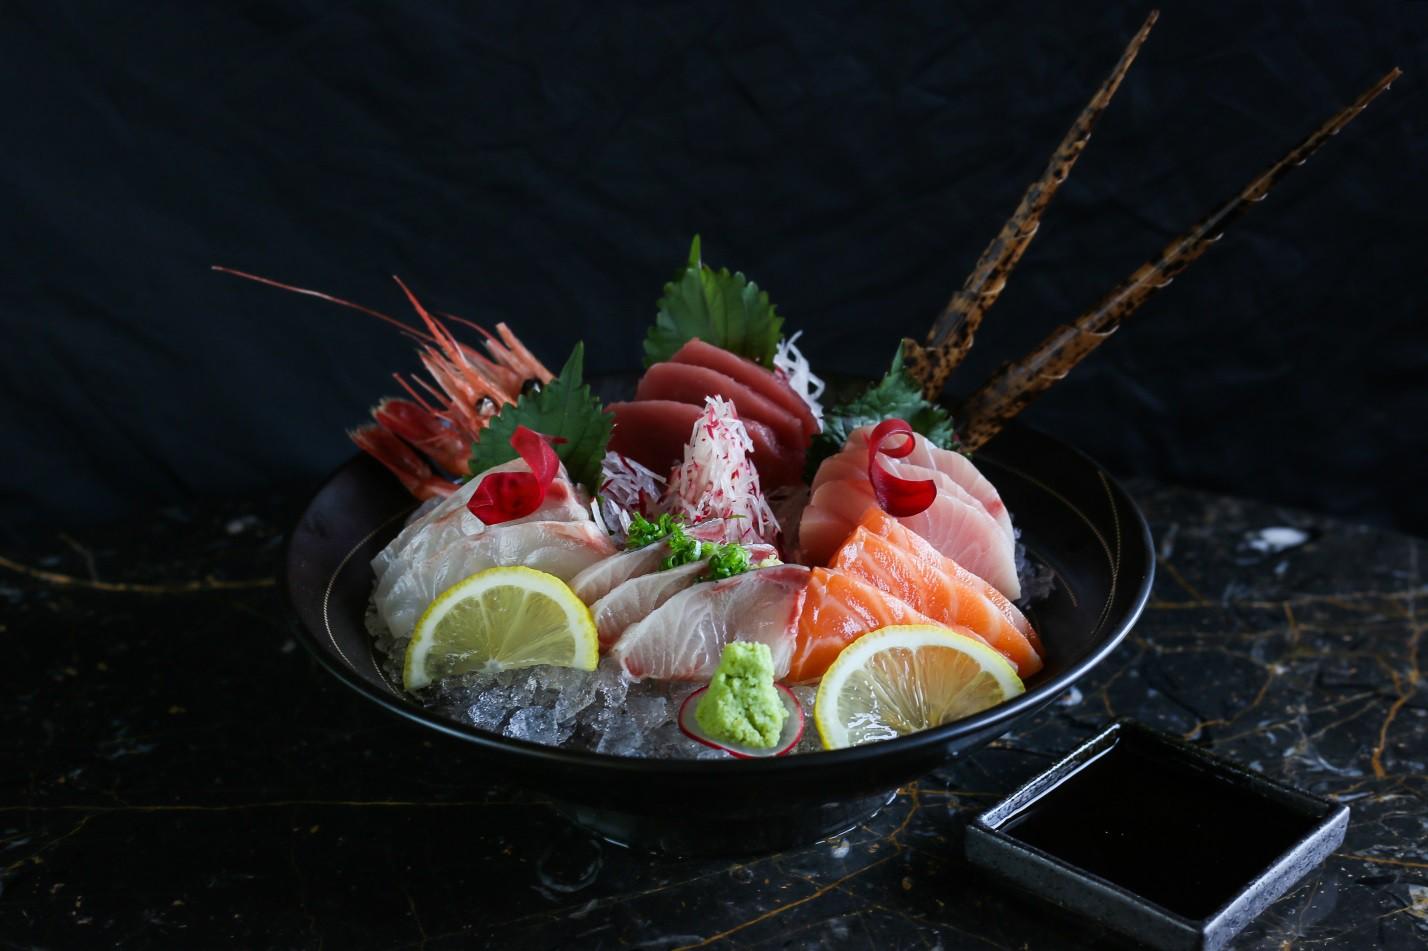 Khám phá ẩm thực Nhật Bản hiện đại trong không gian nghệ thuật đầy màu sắc - Ảnh 12.